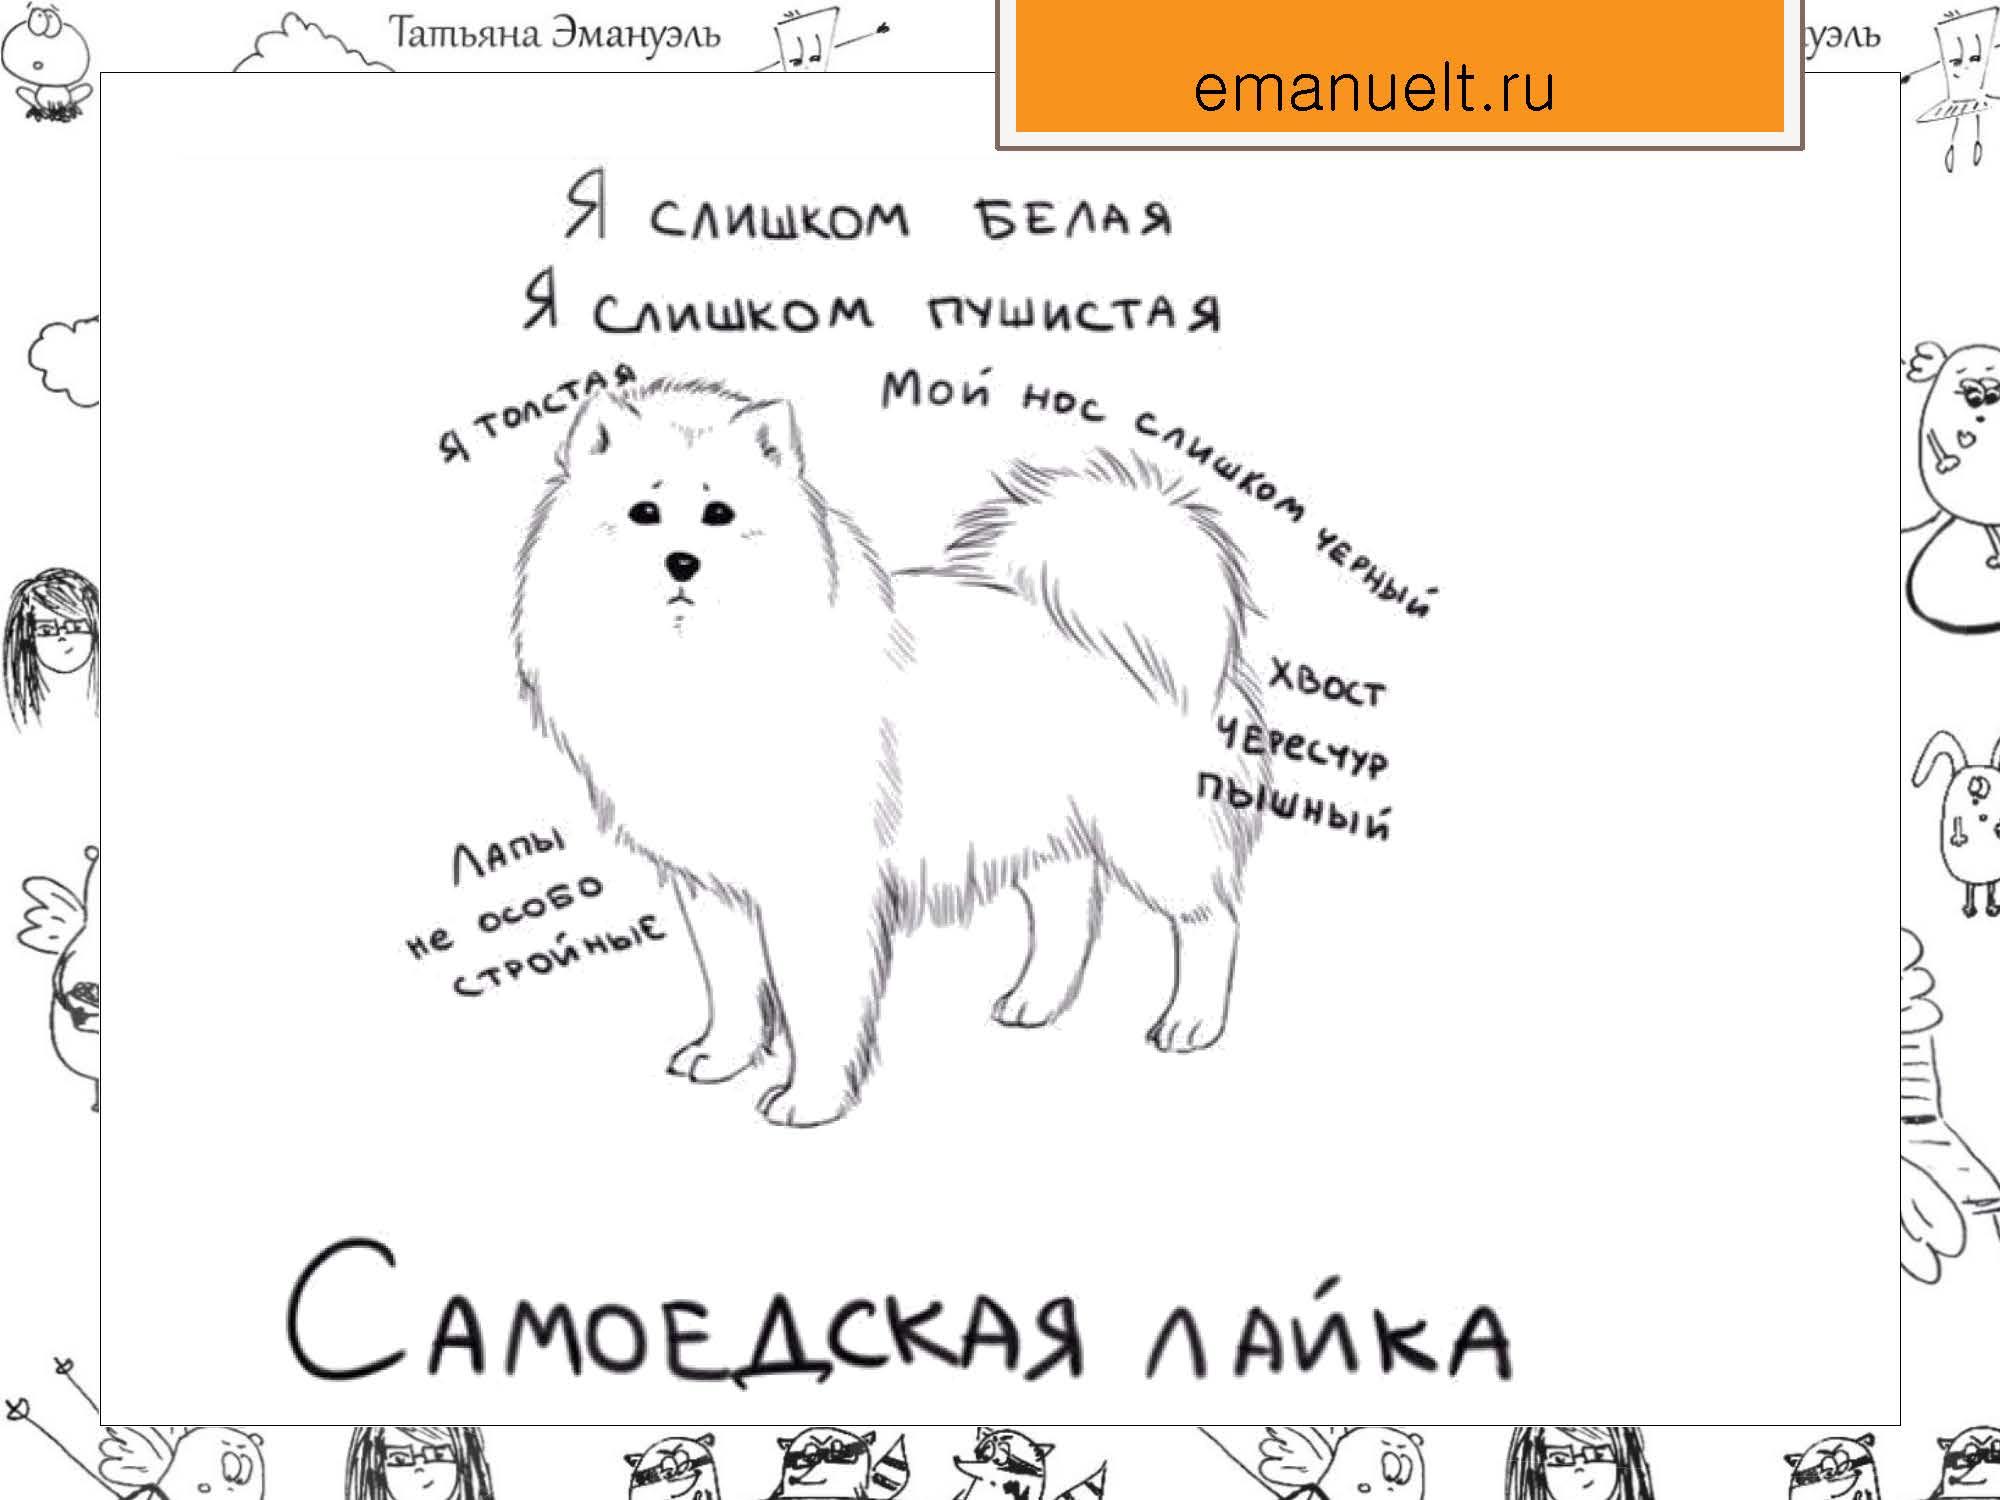 секция 8. Эмануэль Т.С., Московский район_Страница_10